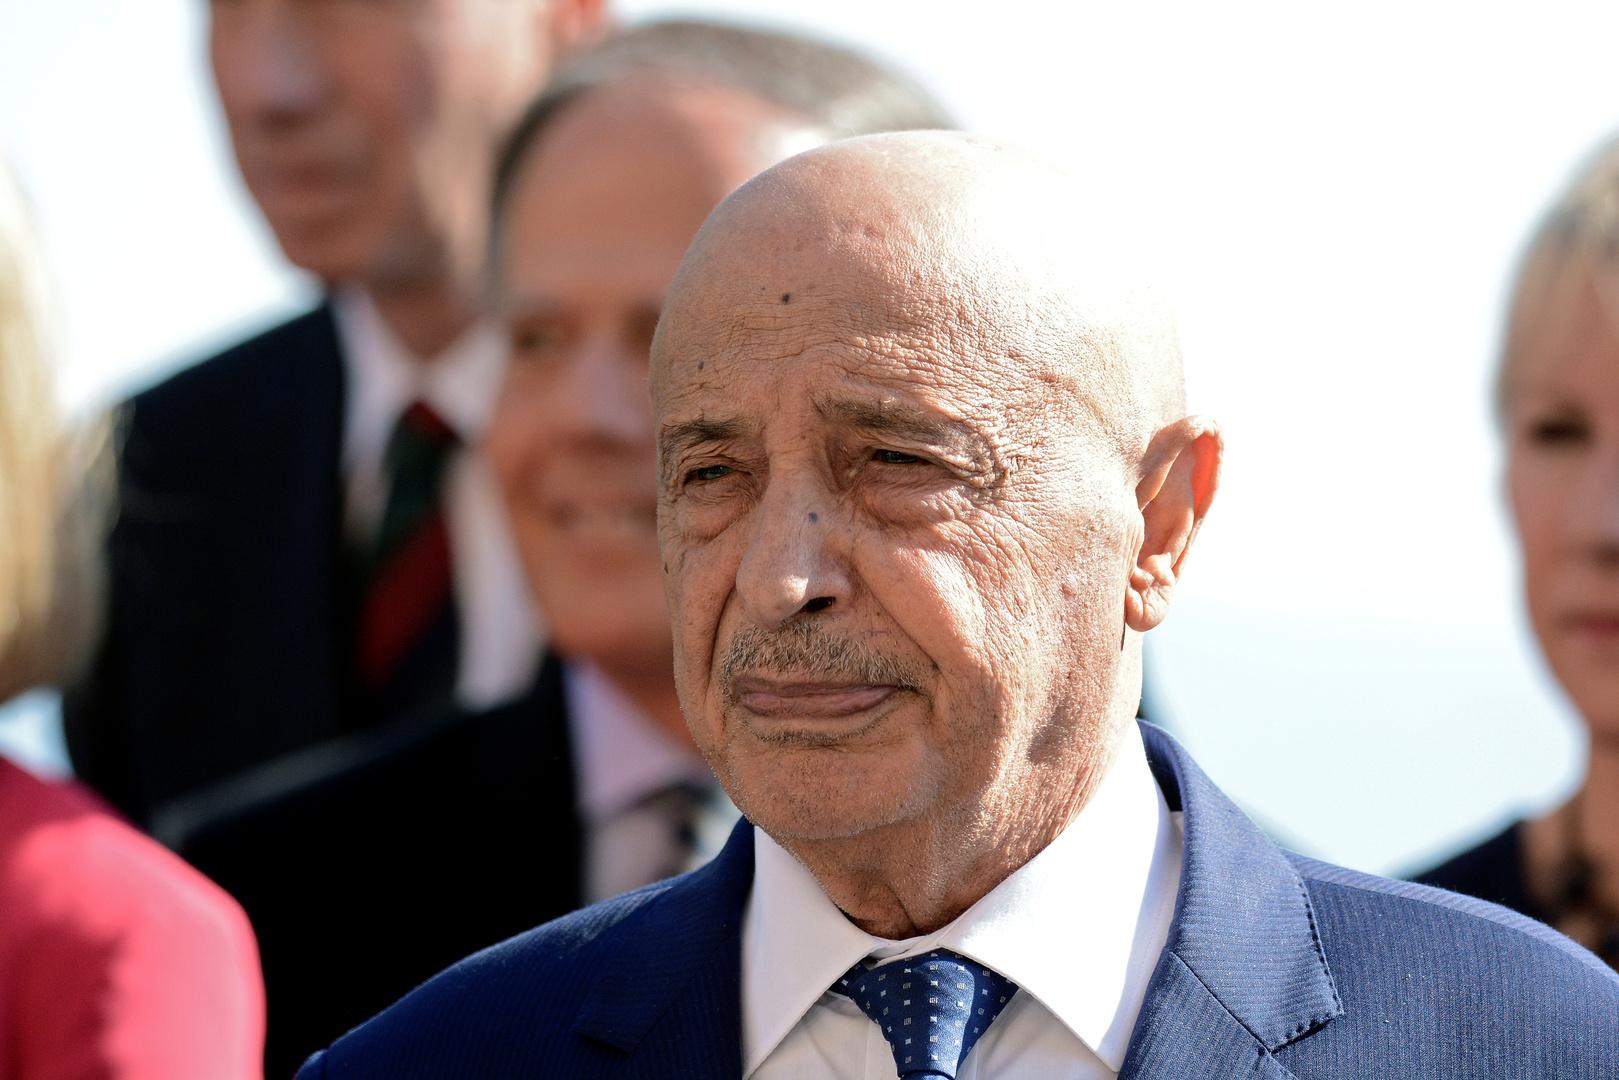 عقيلة صالح يلوح بسحب الثقة من حكومة الدبيبة إذا لم تحضر جلسة الاستجواب